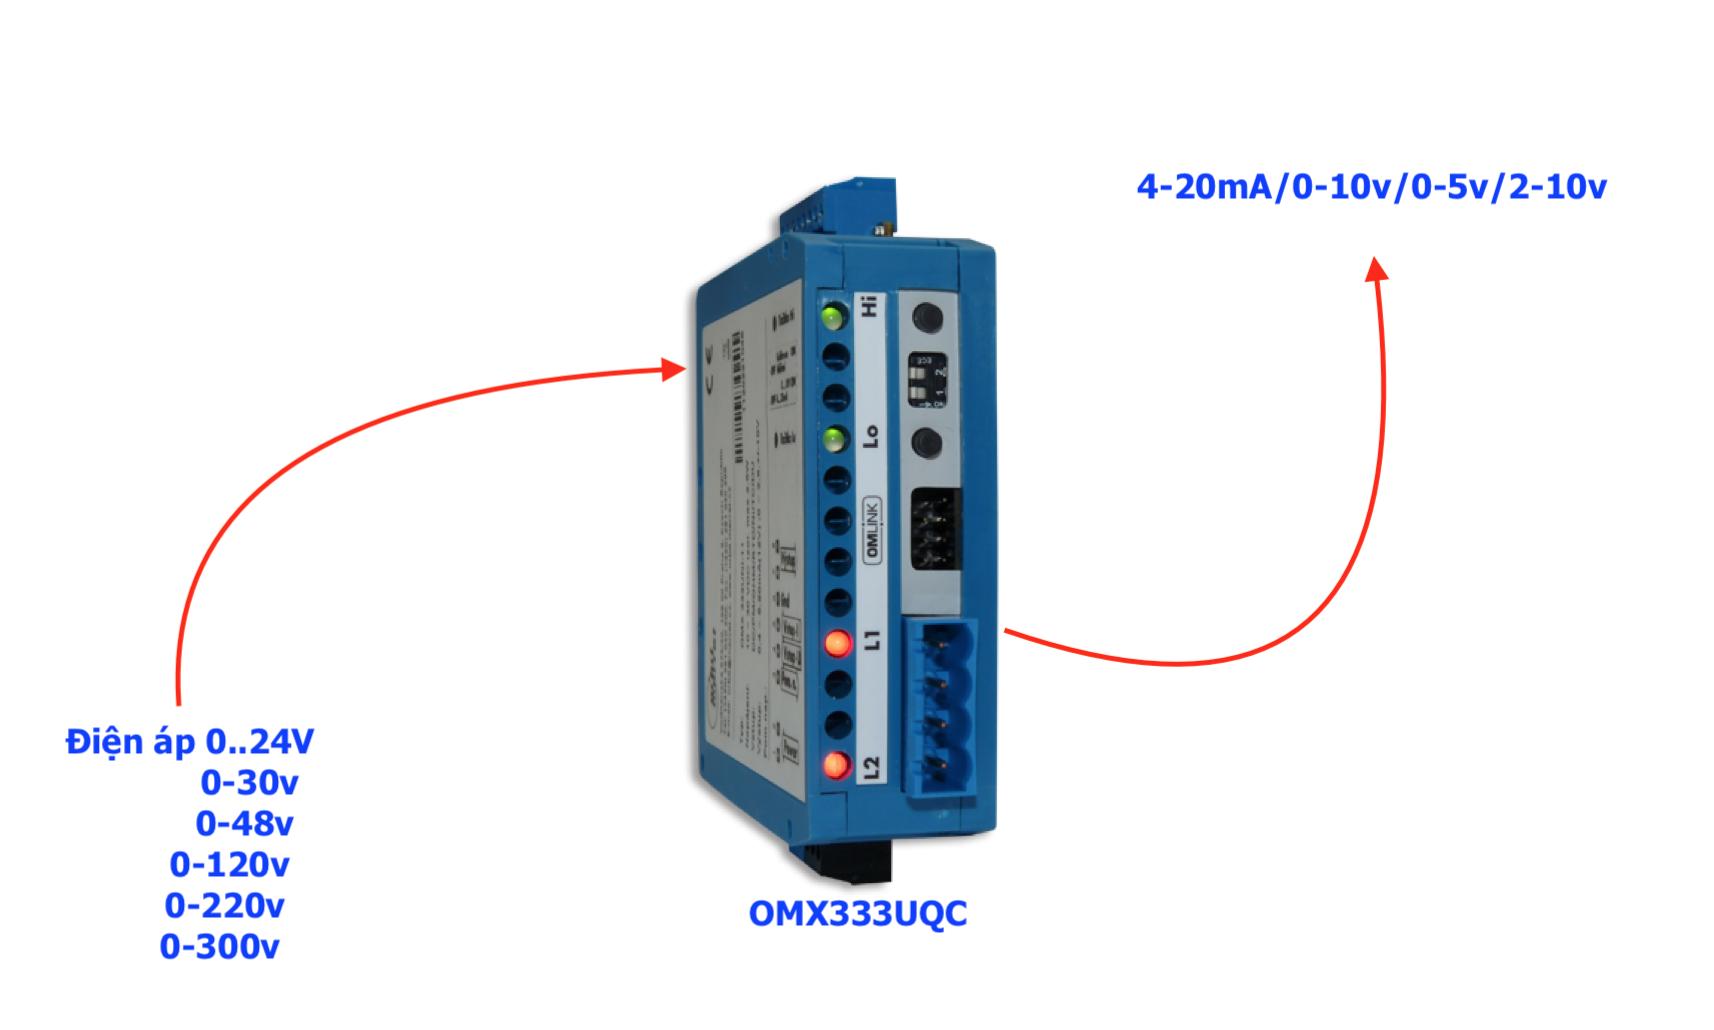 Bộ chuyển điện áp sang 4-20mA